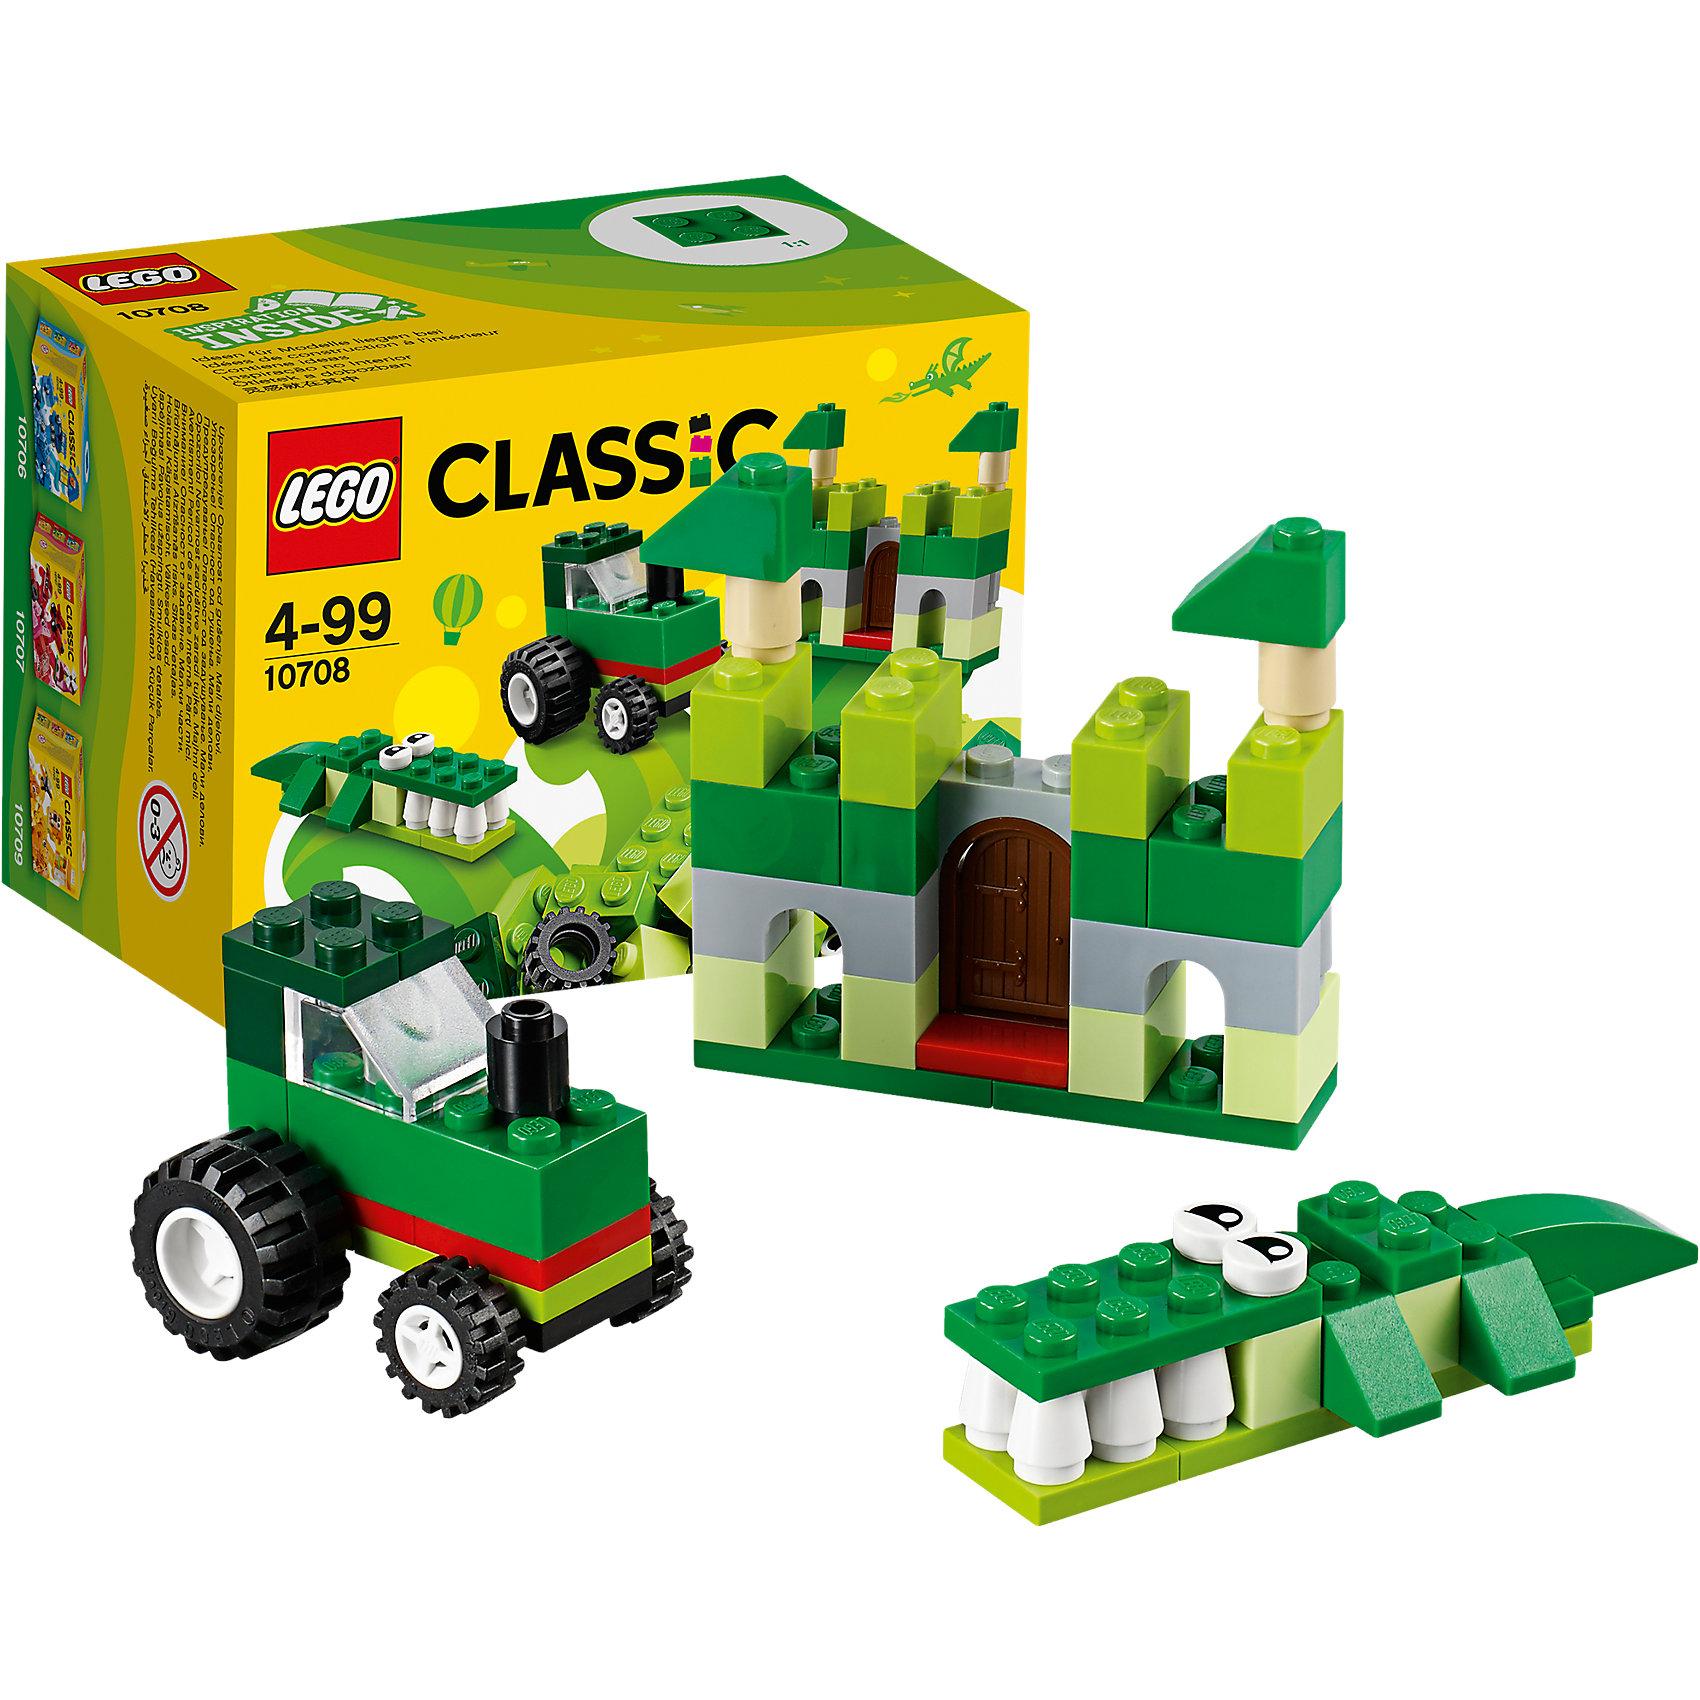 LEGO Classic 10708: Зелёный набор для творчестваПластмассовые конструкторы<br>LEGO Classic 31065: Зелёный набор для творчества<br><br>Характеристики:<br><br>- в набор входит: детали замка, трактора и крокодила, аксессуары, красочная инструкция<br>- состав: пластик<br>- количество деталей: 66 <br>- размер упаковки: 12 * 8 * 9 см.<br>- для детей в возрасте: от 4 лет<br>- Страна производитель: Дания/Китай/Чехия<br><br>Легендарный конструктор LEGO (ЛЕГО) представляет серию «Classic» (Классик), предназначенную для свободного конструирования. В наборы этой серии включены разнообразные детали, позволяющие строить в свое удовольствие и на свое усмотрение. Зелёный набор для творчества включает в себя детали с колесиками, две детали глаз, прозрачную деталь ветрового стекла и стандартные детали. С помощью этого набора можно собрать по инструкции крокодила, замок и трактор, а также придумать свои транспортные средства, своих животных и свой домик. В зелёном наборе представлено пять оттенков зелёного, а также белые, серые, черные и бежевые детали. Играя с конструктором ребенок развивает моторику рук, воображение и логическое мышление. Воплотите в жизнь свои идеи с помощью набора LEGO «Classic»!<br><br>Конструктор LEGO Classic 31065: Зелёный набор для творчества можно купить в нашем интернет-магазине.<br><br>Ширина мм: 123<br>Глубина мм: 88<br>Высота мм: 78<br>Вес г: 95<br>Возраст от месяцев: 48<br>Возраст до месяцев: 144<br>Пол: Унисекс<br>Возраст: Детский<br>SKU: 5002503